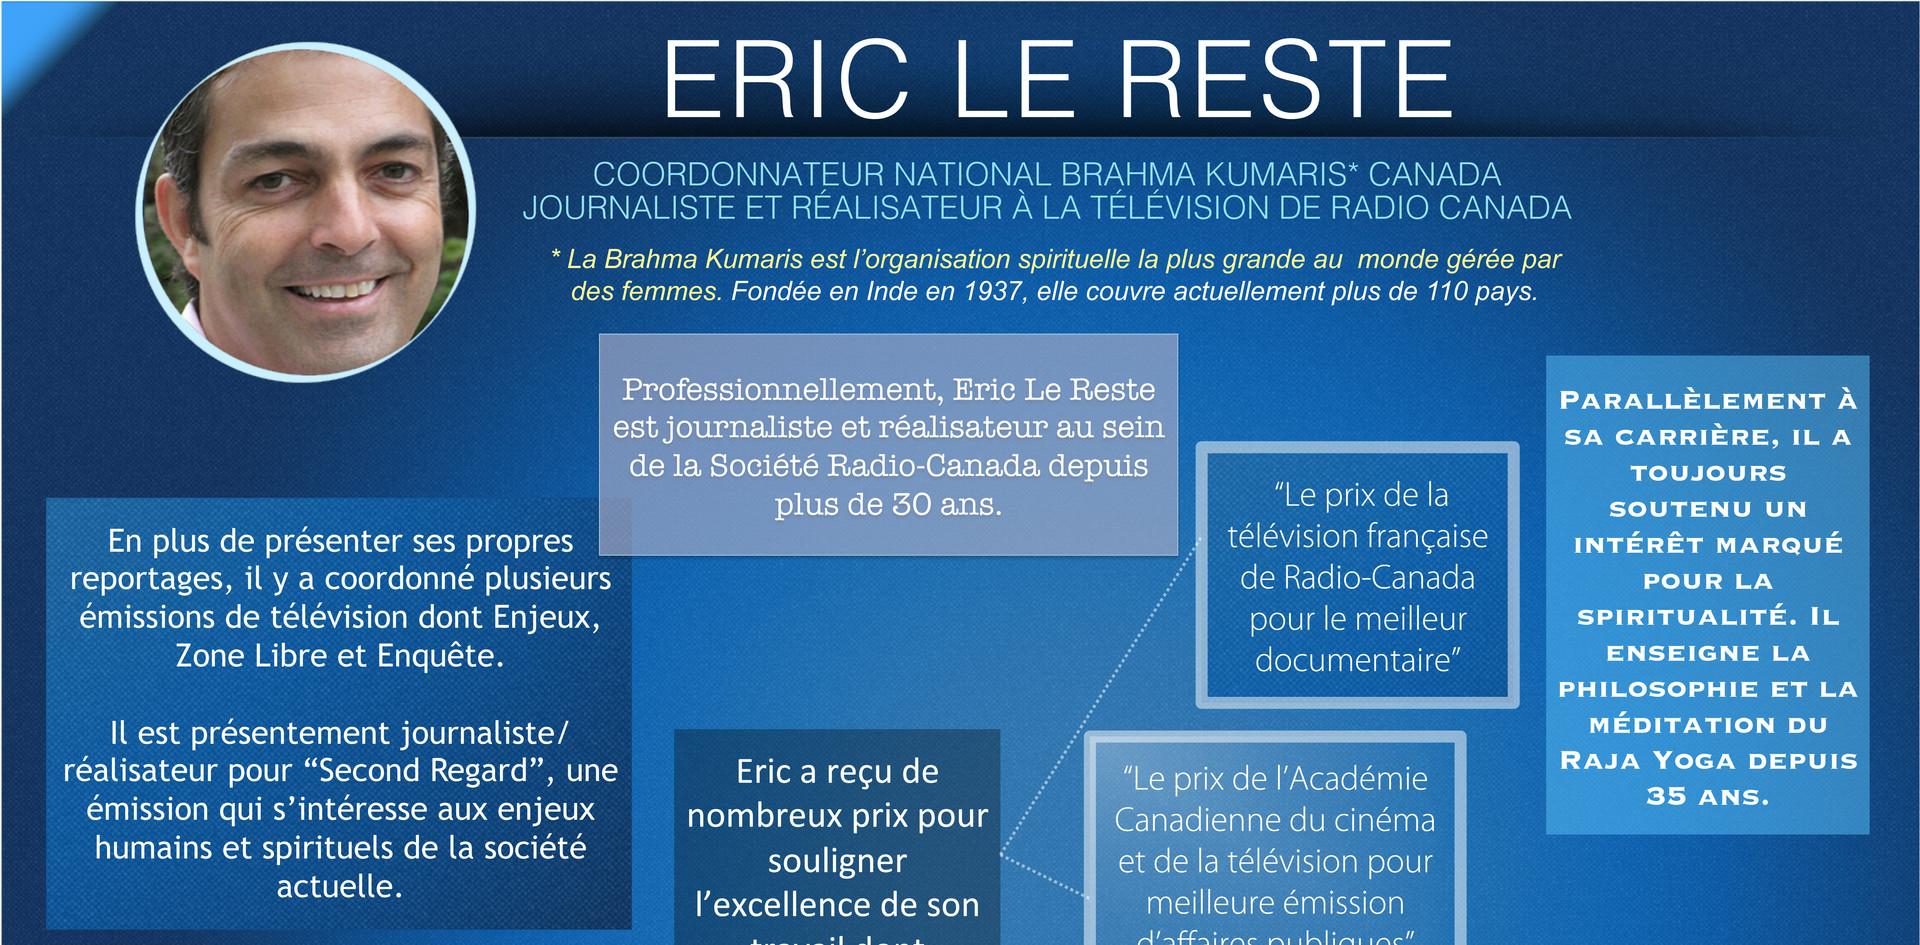 Eric Le Reste